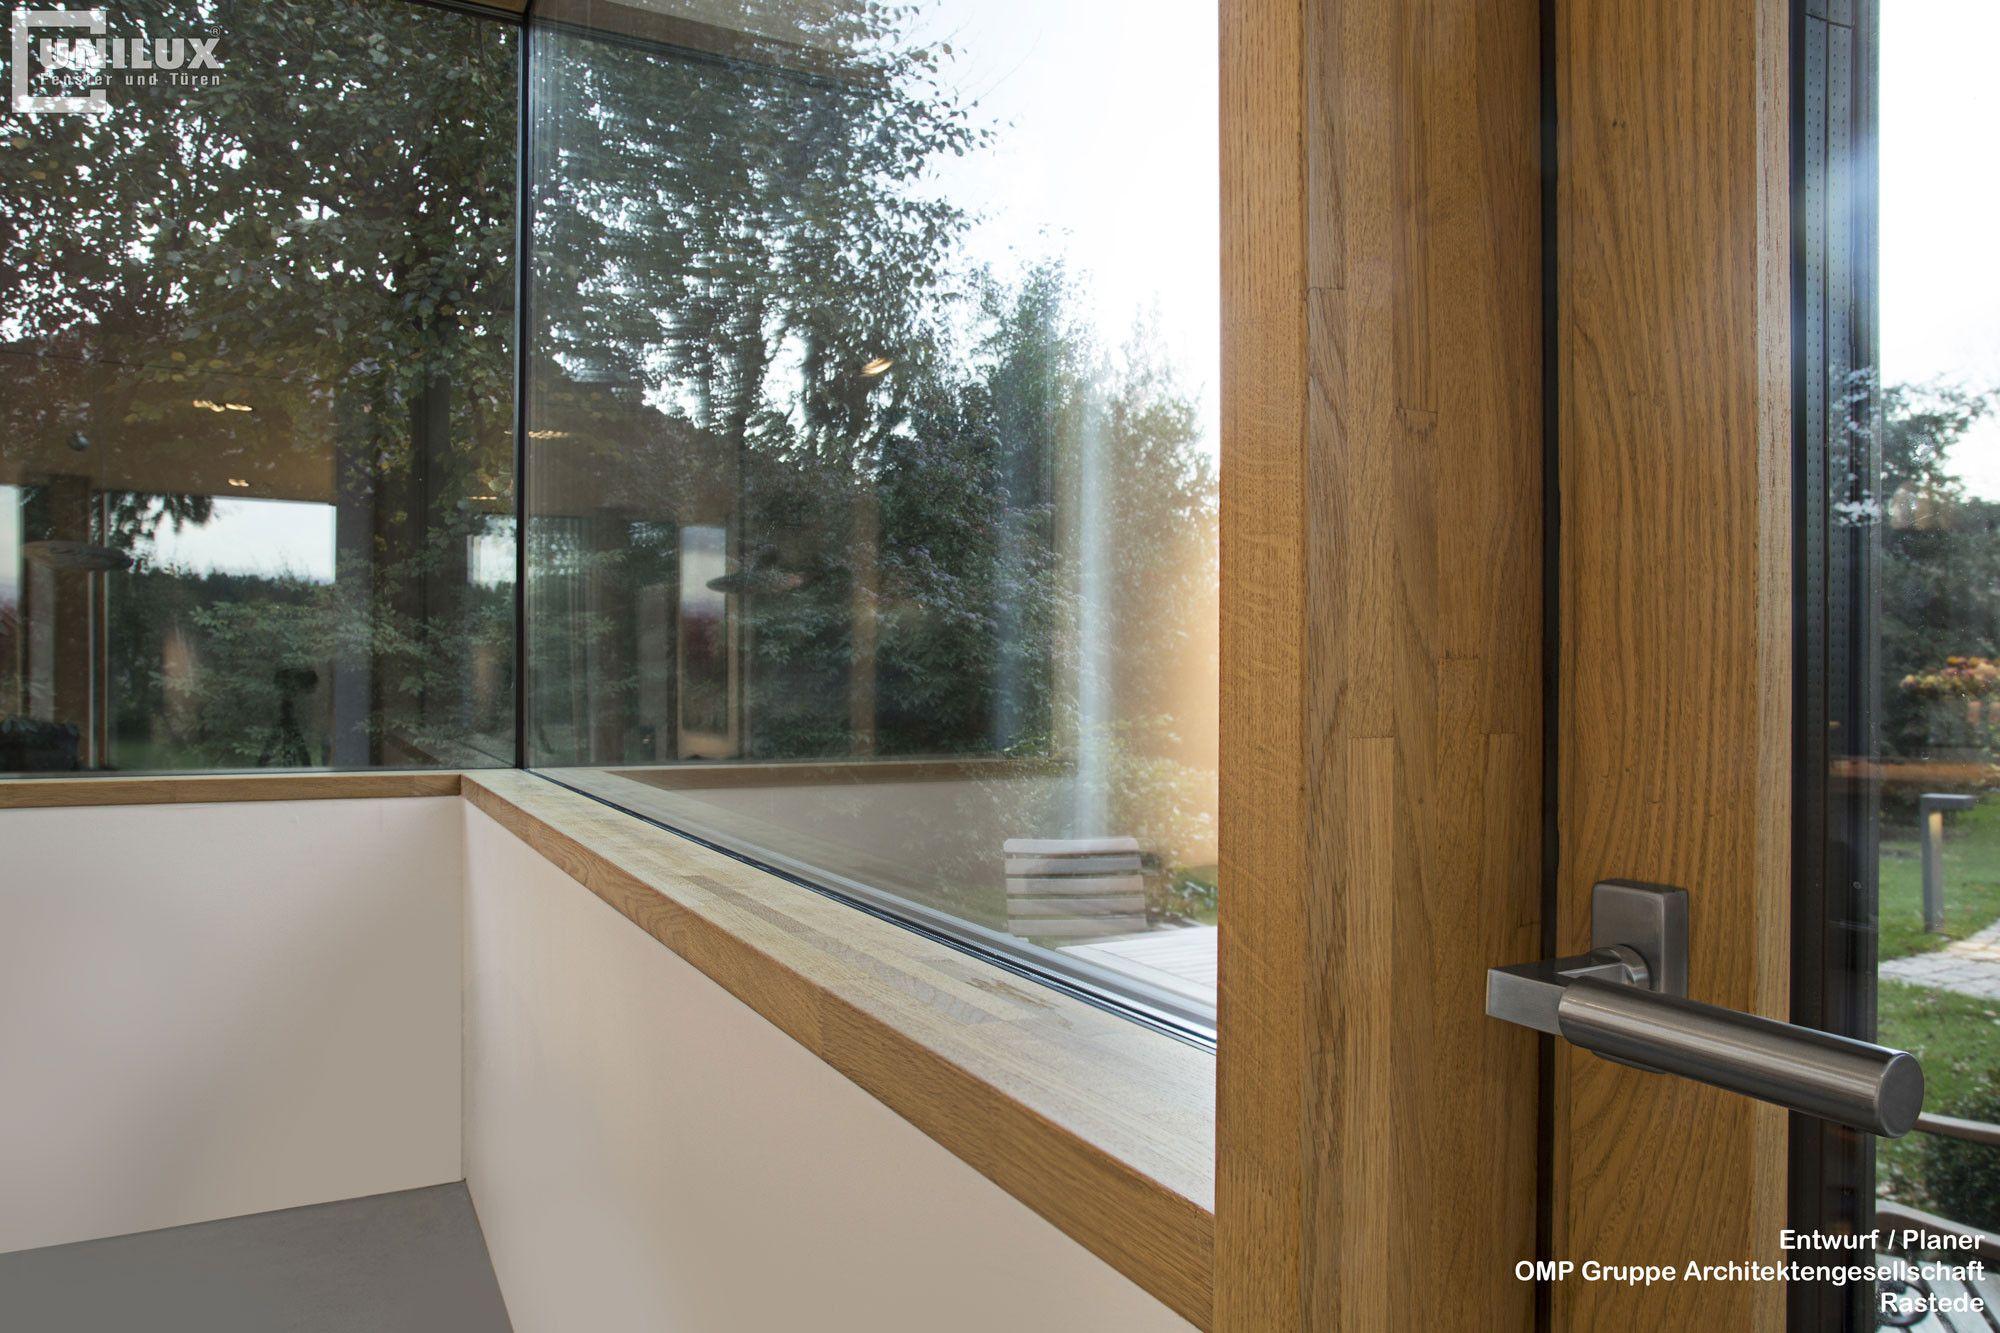 Full Size of Aluminium Fenster Passivhausgeeignete Holz Glas News Produkte Veka Einbruchschutz Nachrüsten Trocal Mit Rolladen Konfigurator Standardmaße Dänische Fenster Aluminium Fenster